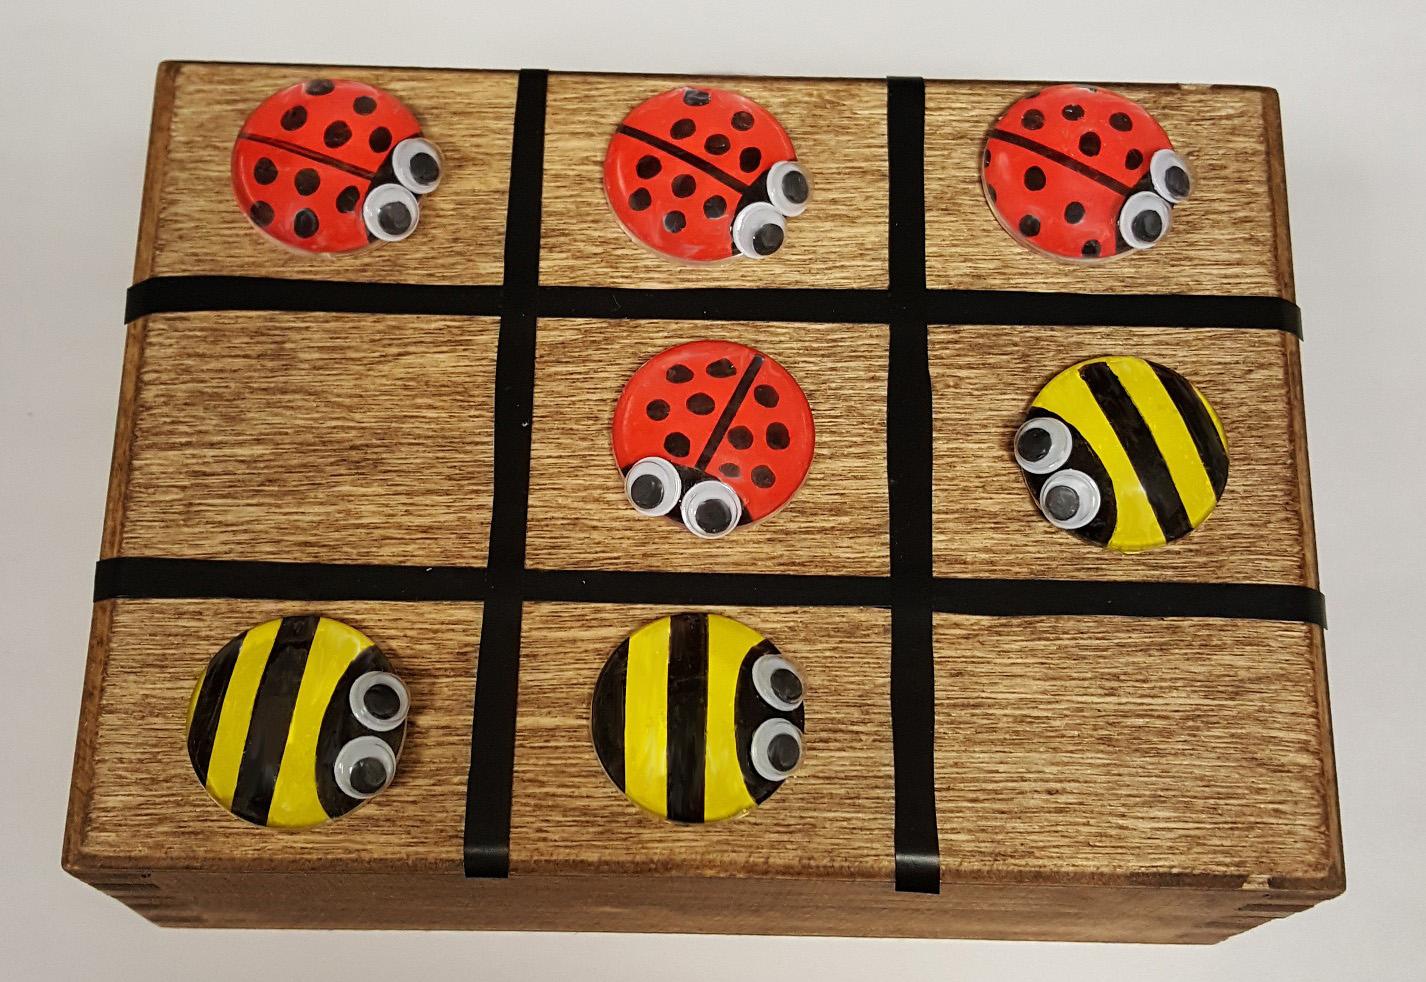 Ladybug & Bee Tic Tac Toe edited